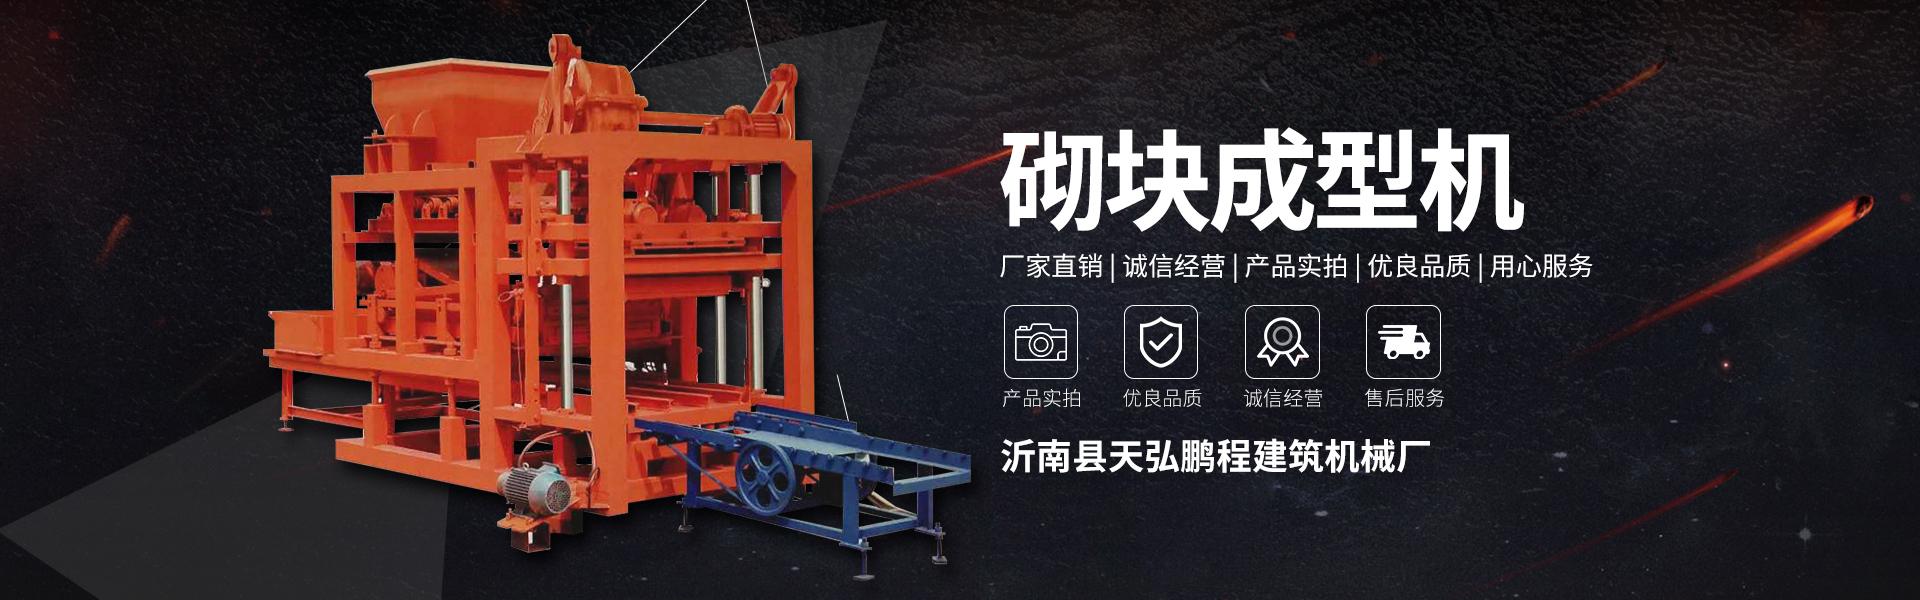 空心砖机,山东免烧砖机,空心砖机厂家,山东空心砖机